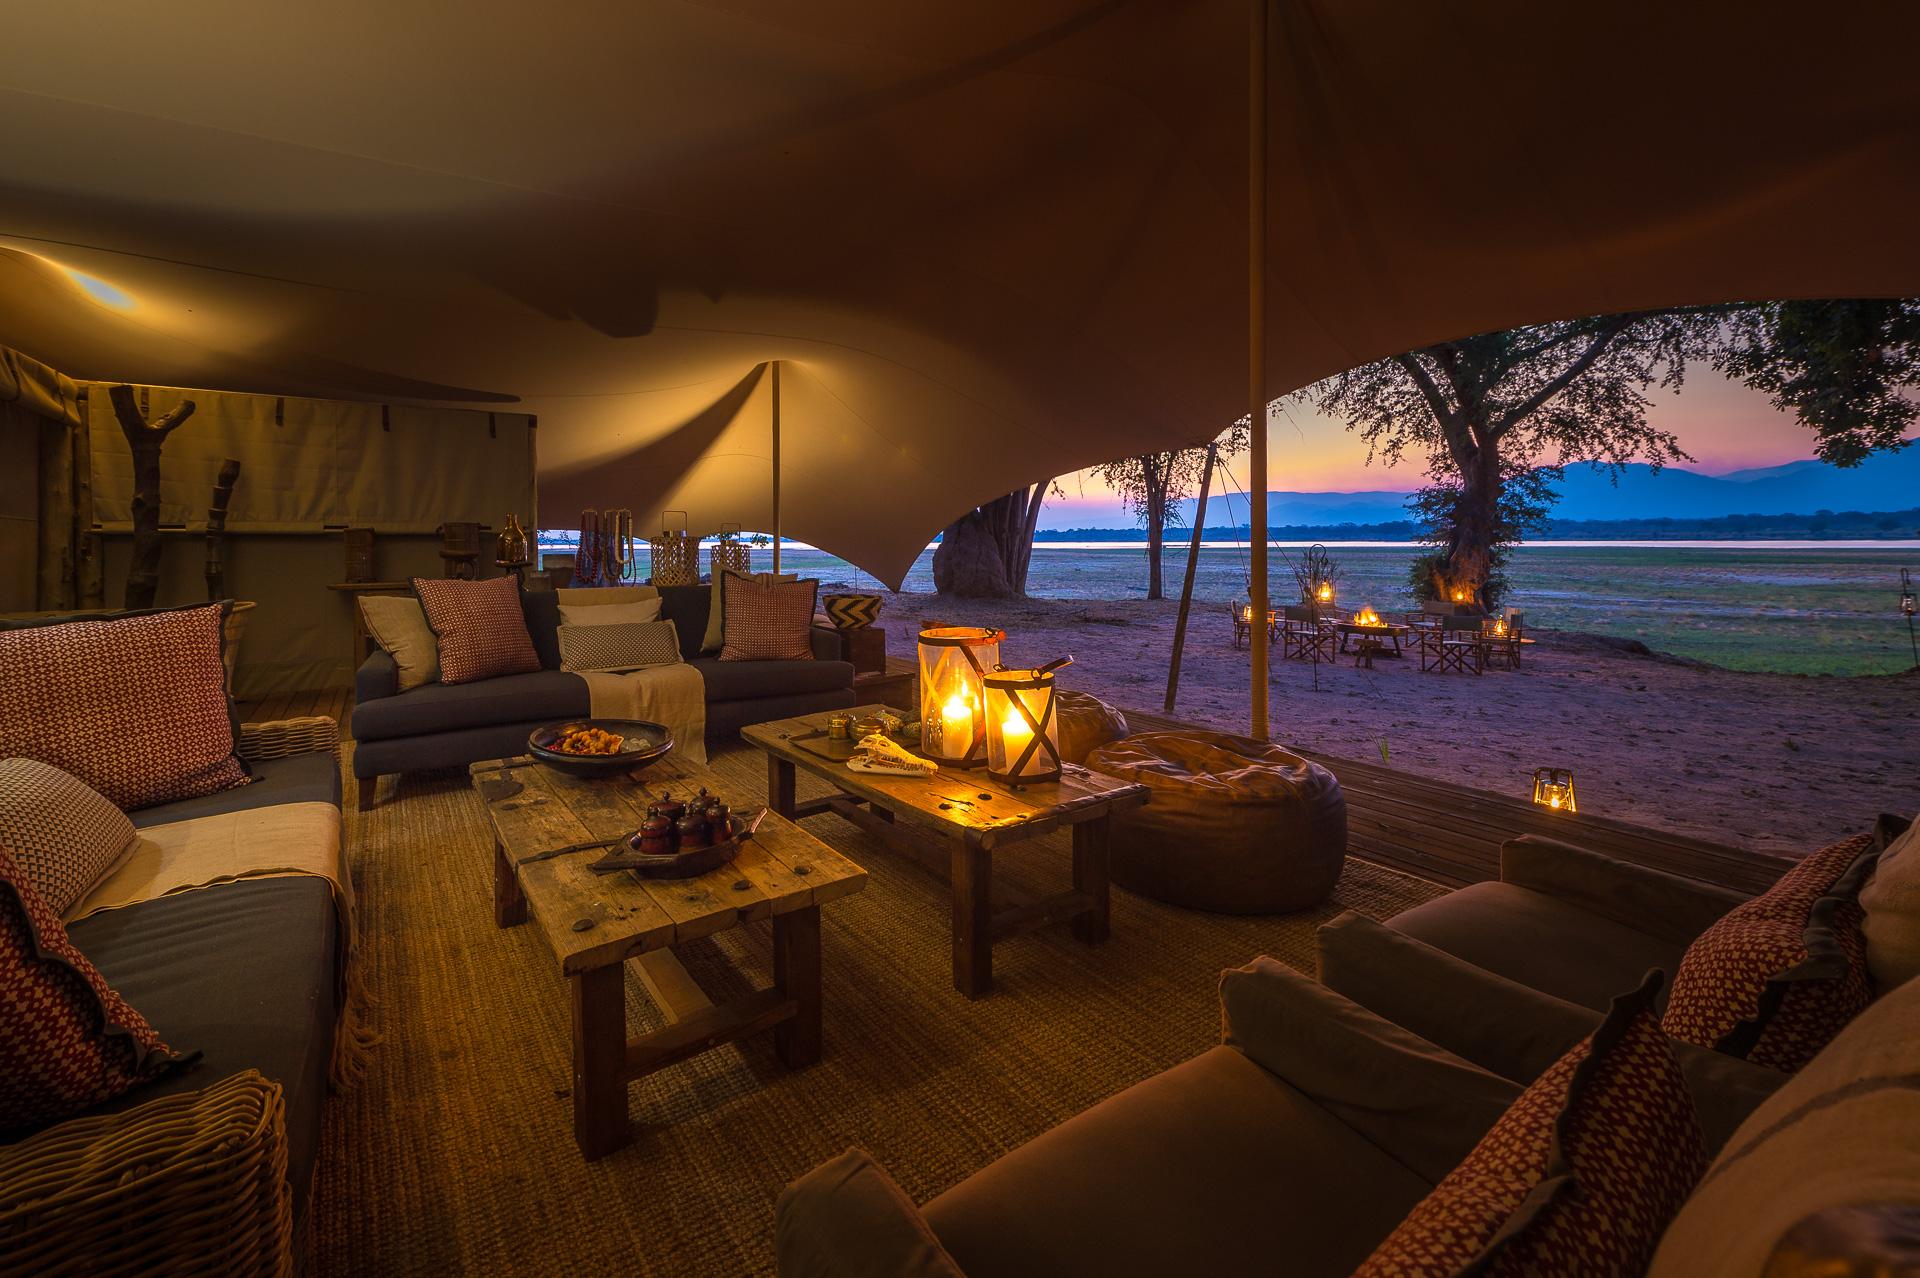 Little Ruckomechi Mana Pools Zimbabwe Tented Views at Sunset